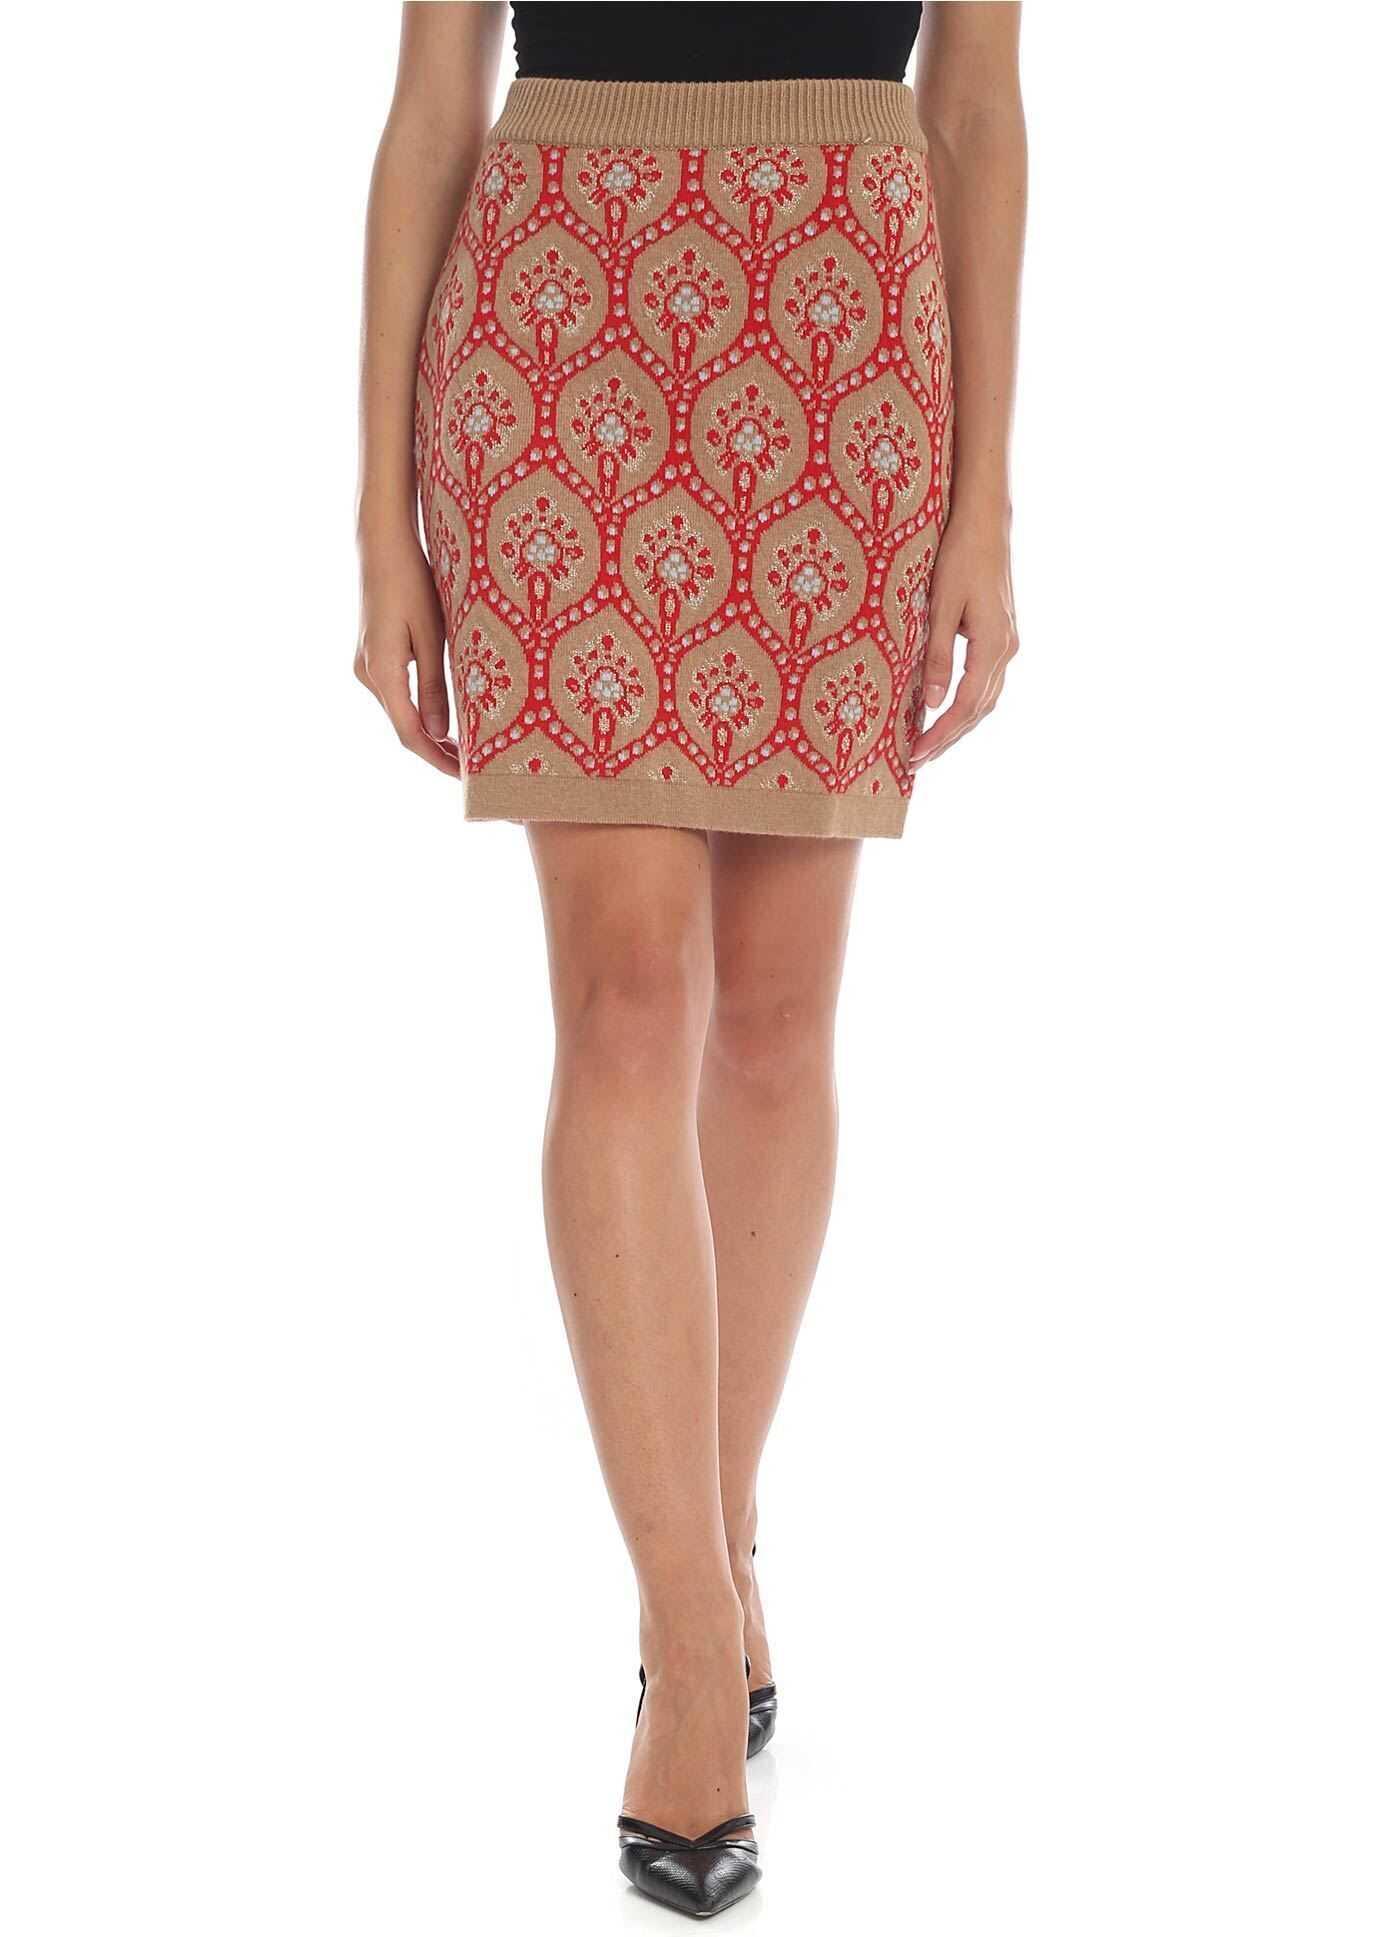 Be Blumarine Dark Beige Knitted Miniskirt With Intarsia Beige